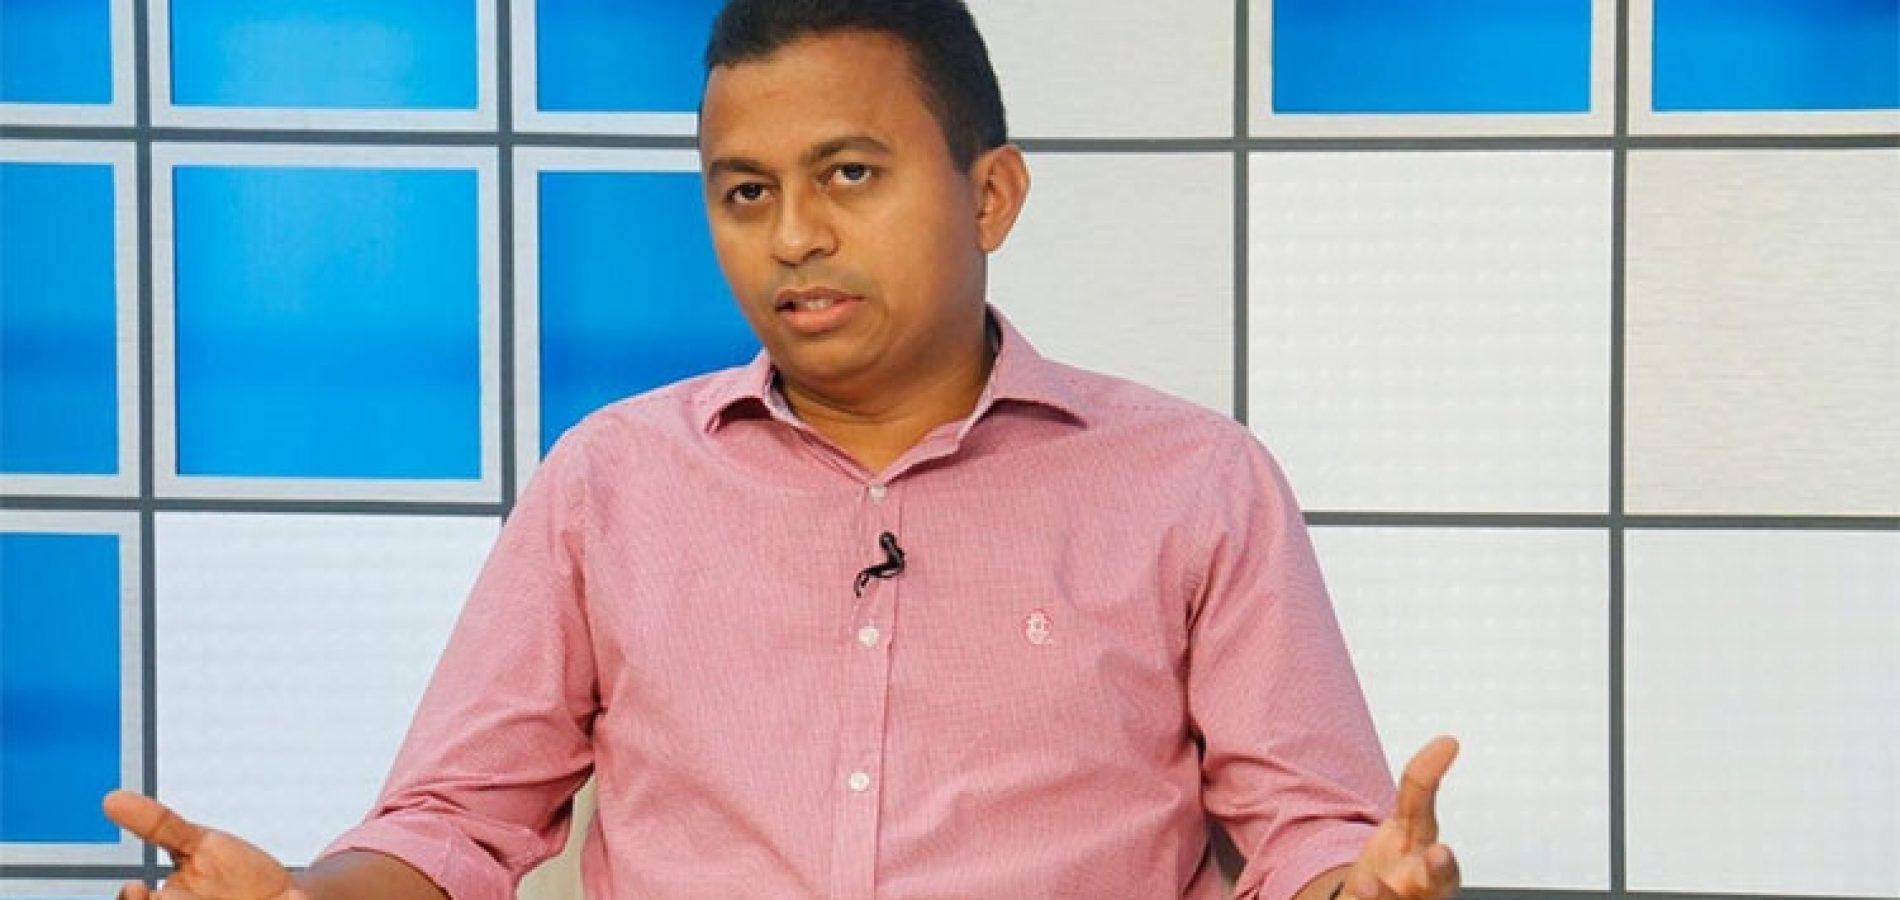 Francisco Costa não descarta voltar a ocupar cargo no governo